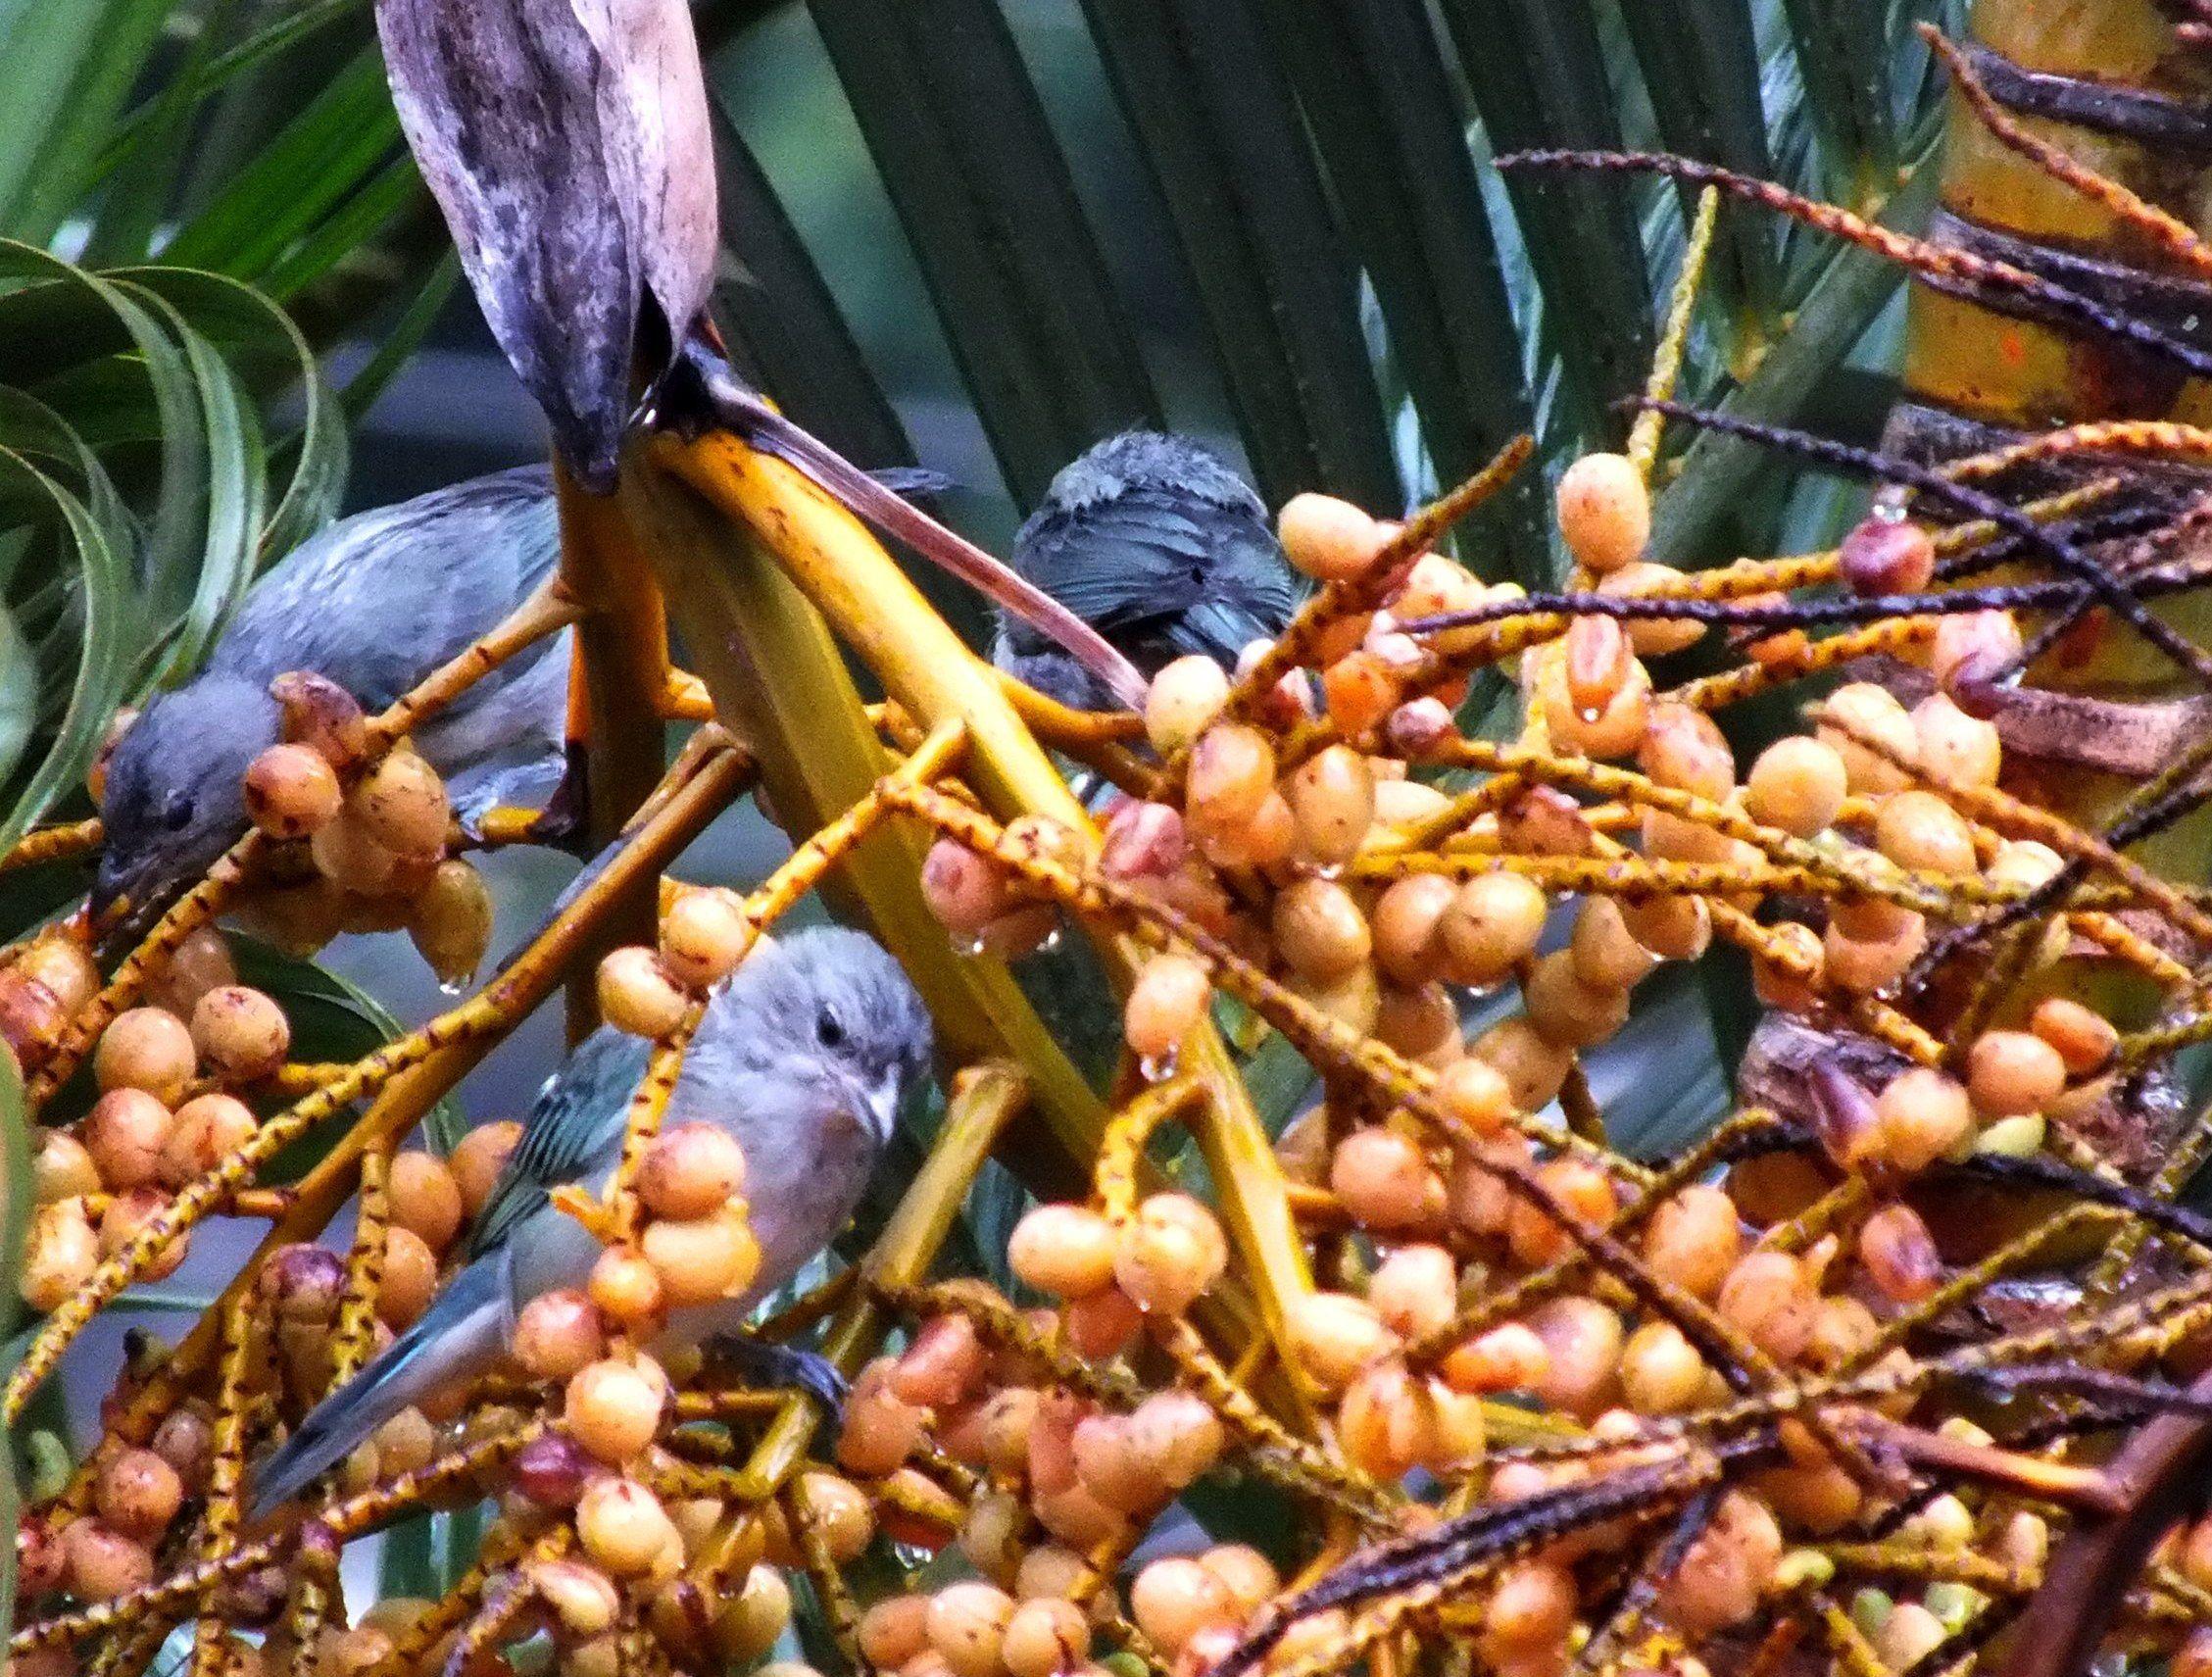 A importância das plantas brasileiras que possam alimentar nossos pássaros livres.Nossos quintais estão sendo erradamente, substituídos por prédios e plantas exóticas,que nem as atraem.